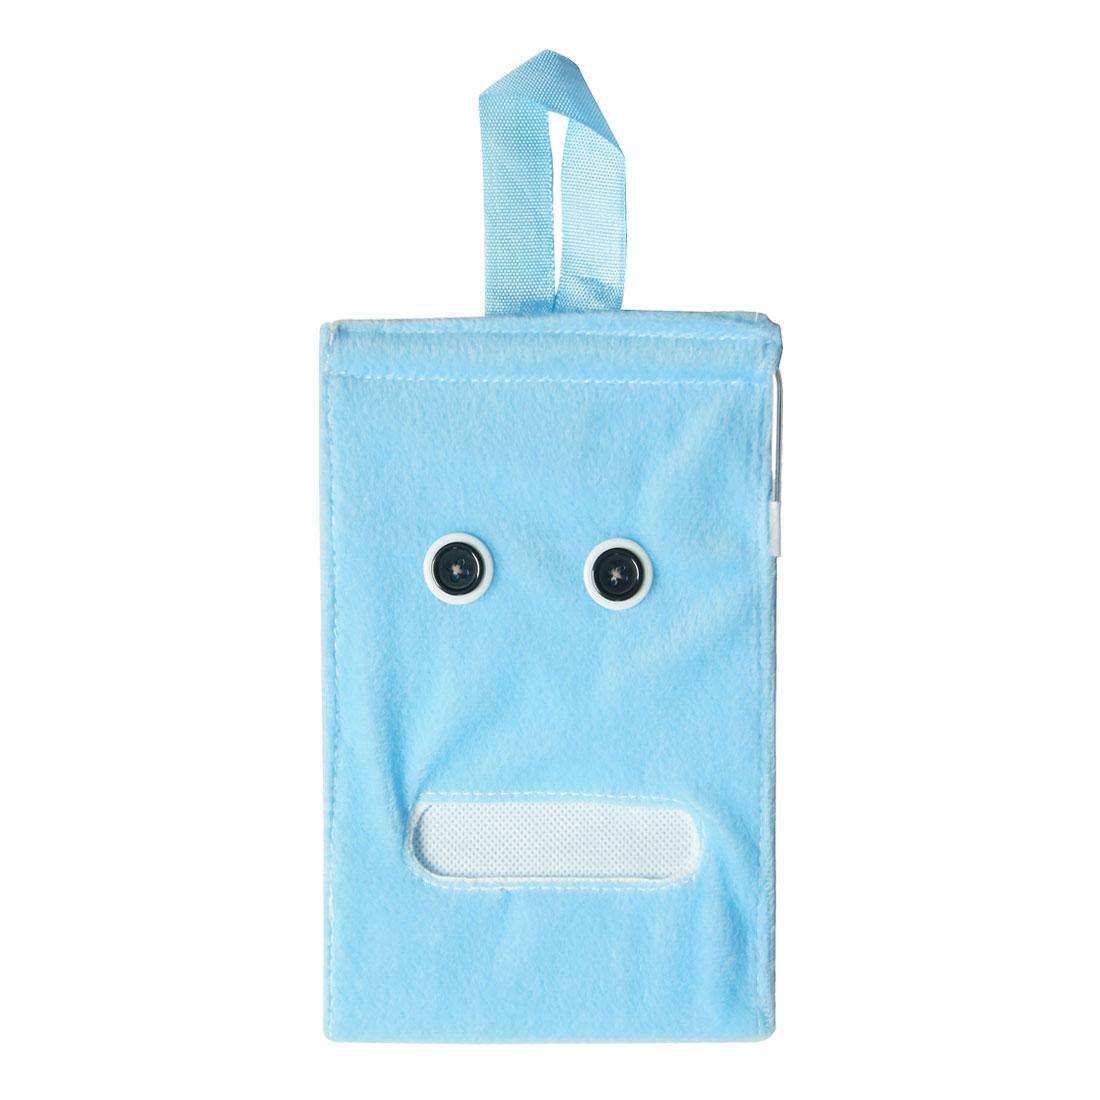 Sky Blue Plush Toilet Roll Paper Holder Tissue Dispenser